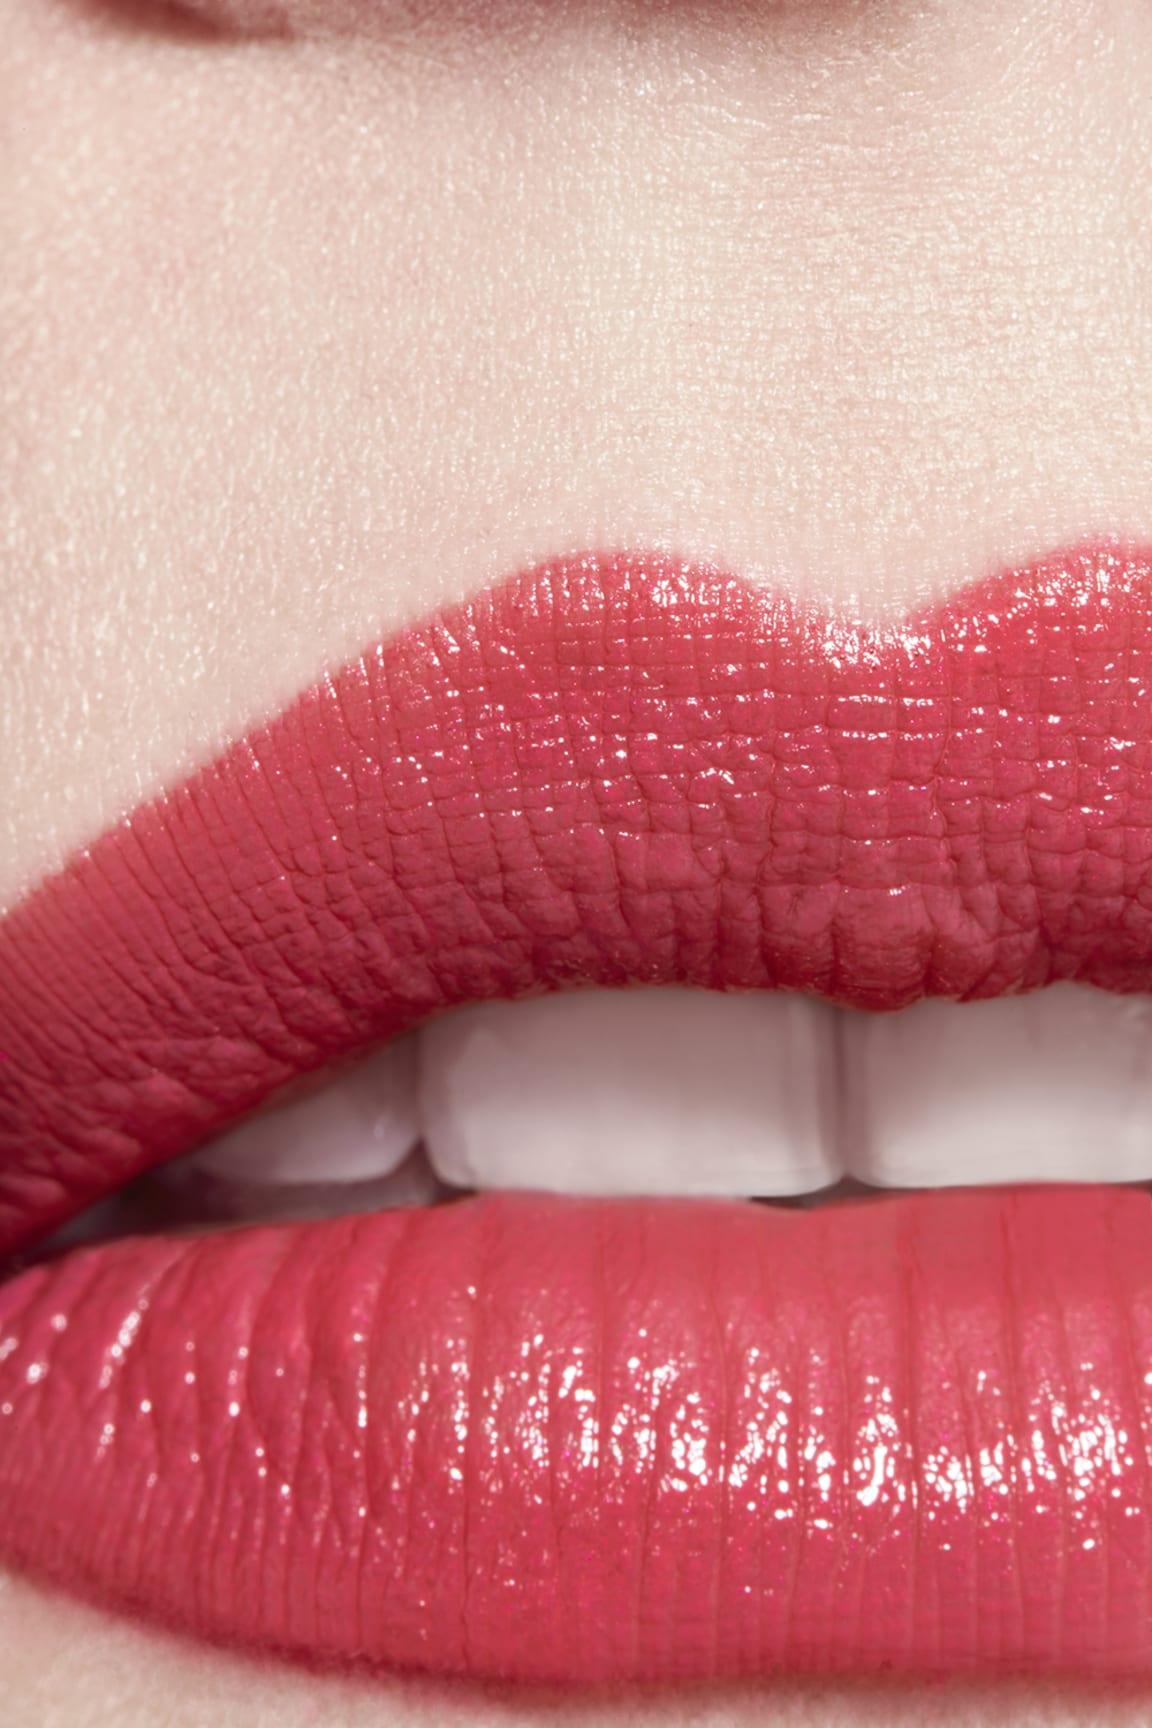 Application makeup visual 3 - ROUGE COCO 472 - EXPÉRIMENTAL